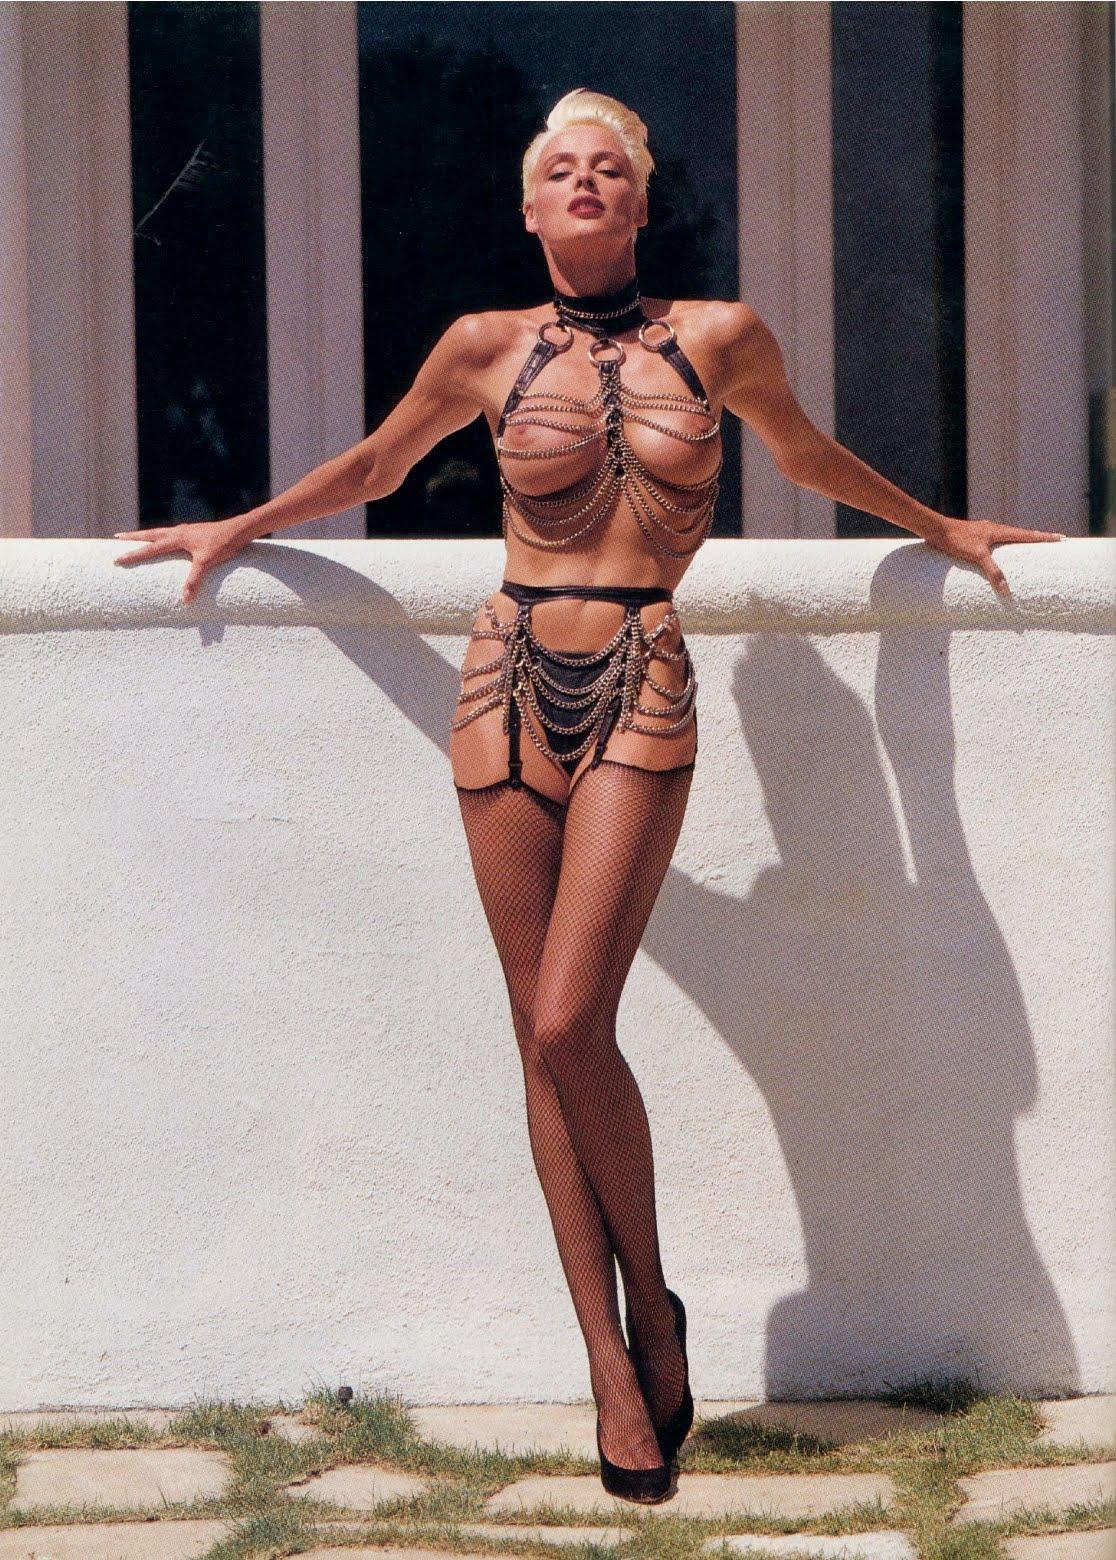 http://1.bp.blogspot.com/_Bs1pXxAZsr0/TKyUpixM9LI/AAAAAAAAP6k/wcDGlK7hANE/s1600/Brigitte+Nielsen+PB+12+1987+DECEMBRE.jpg